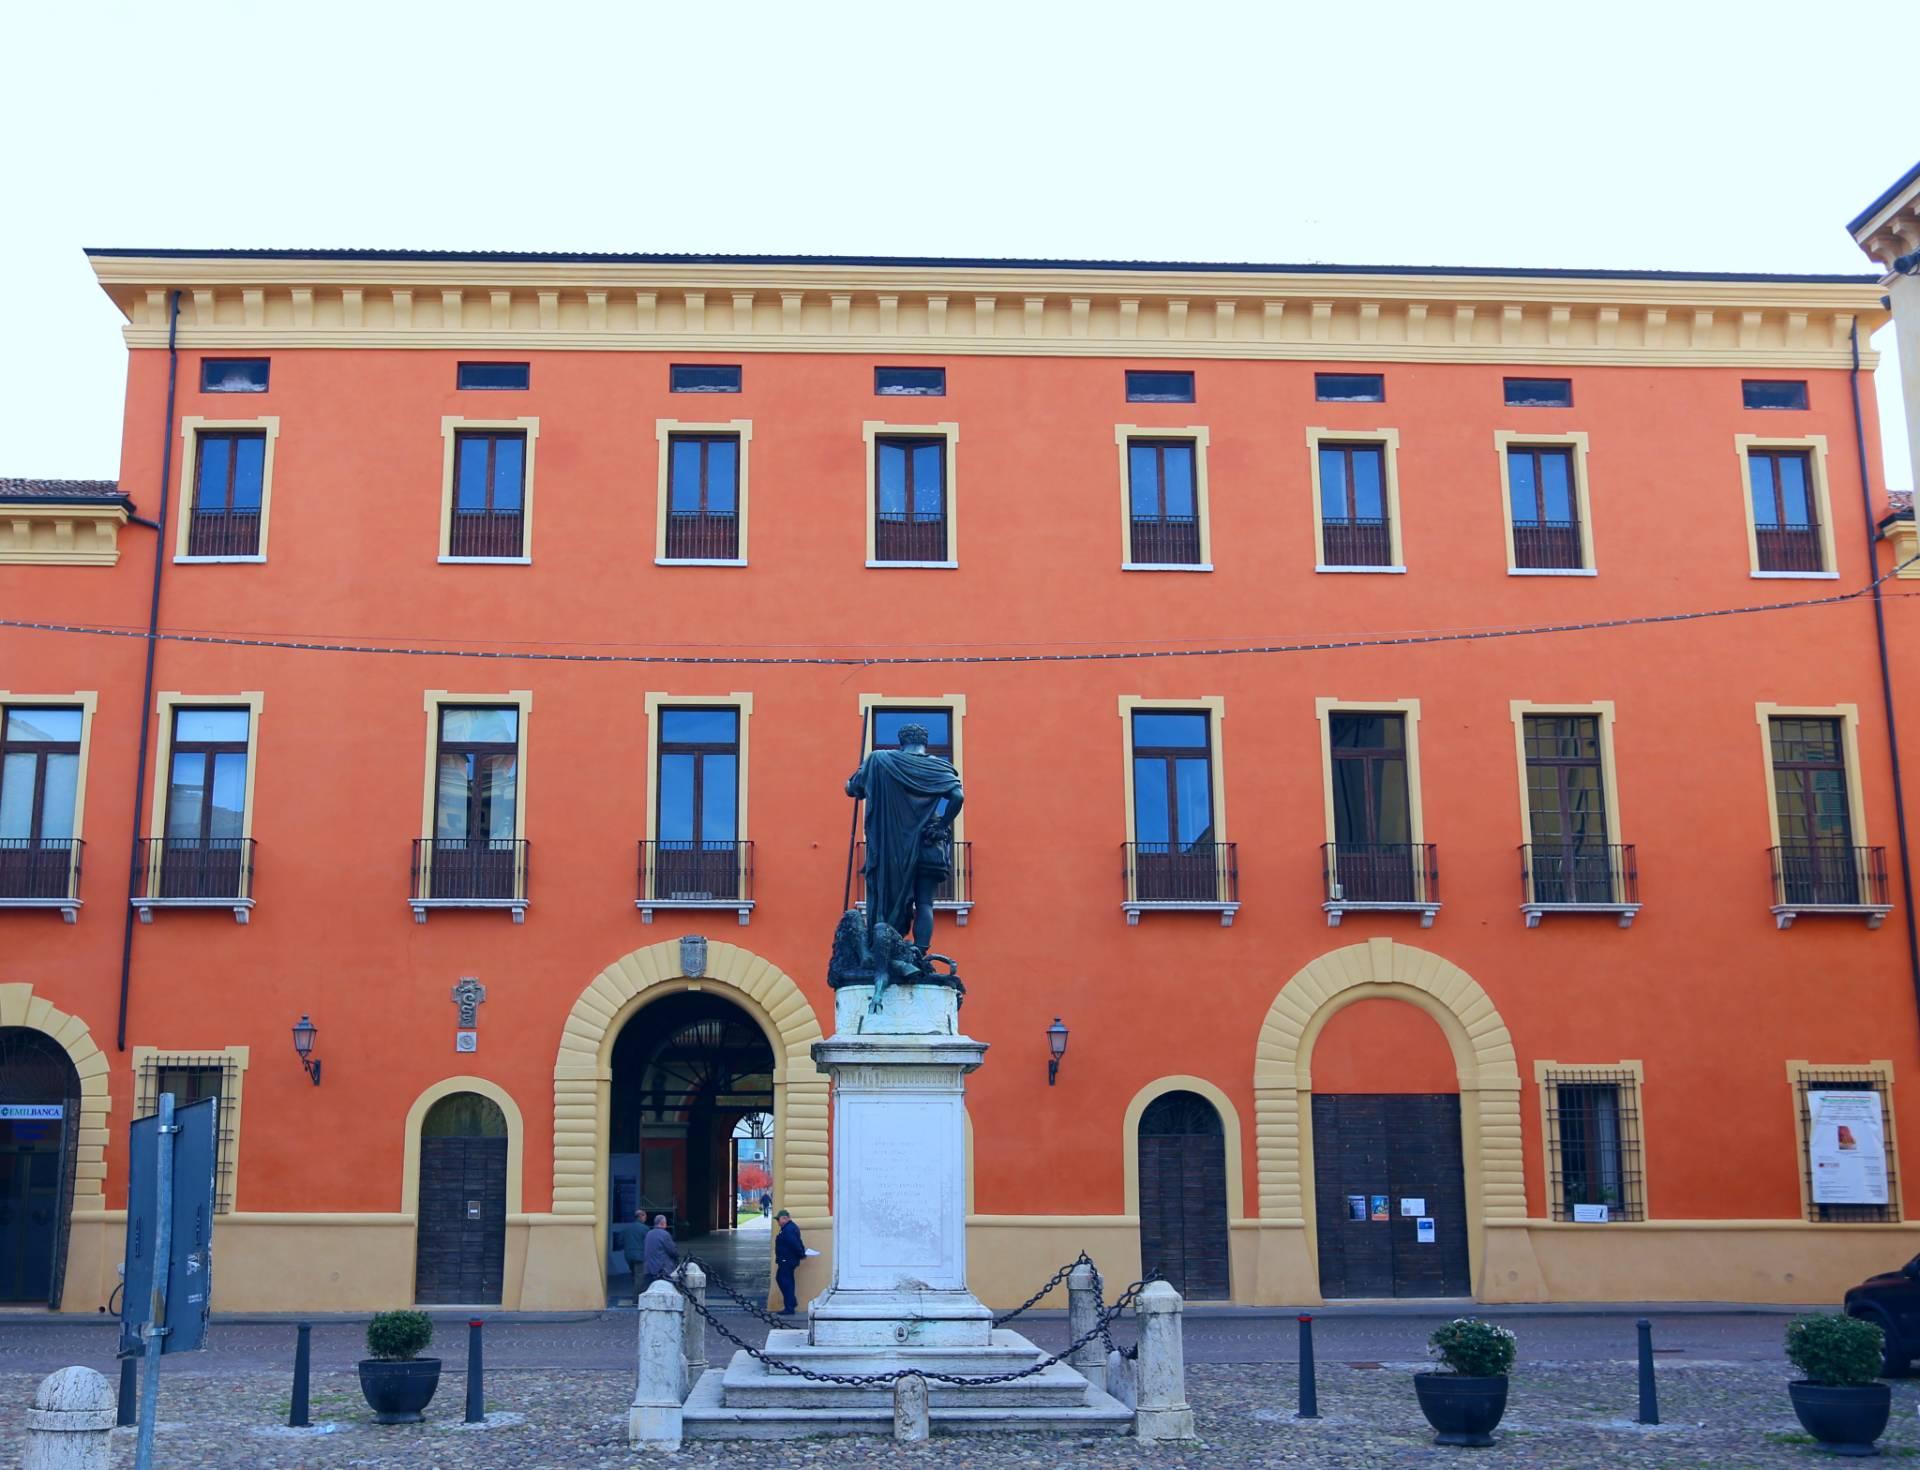 Restauro e consolidamento del Palazzo Ducale di Guastalla (RE).